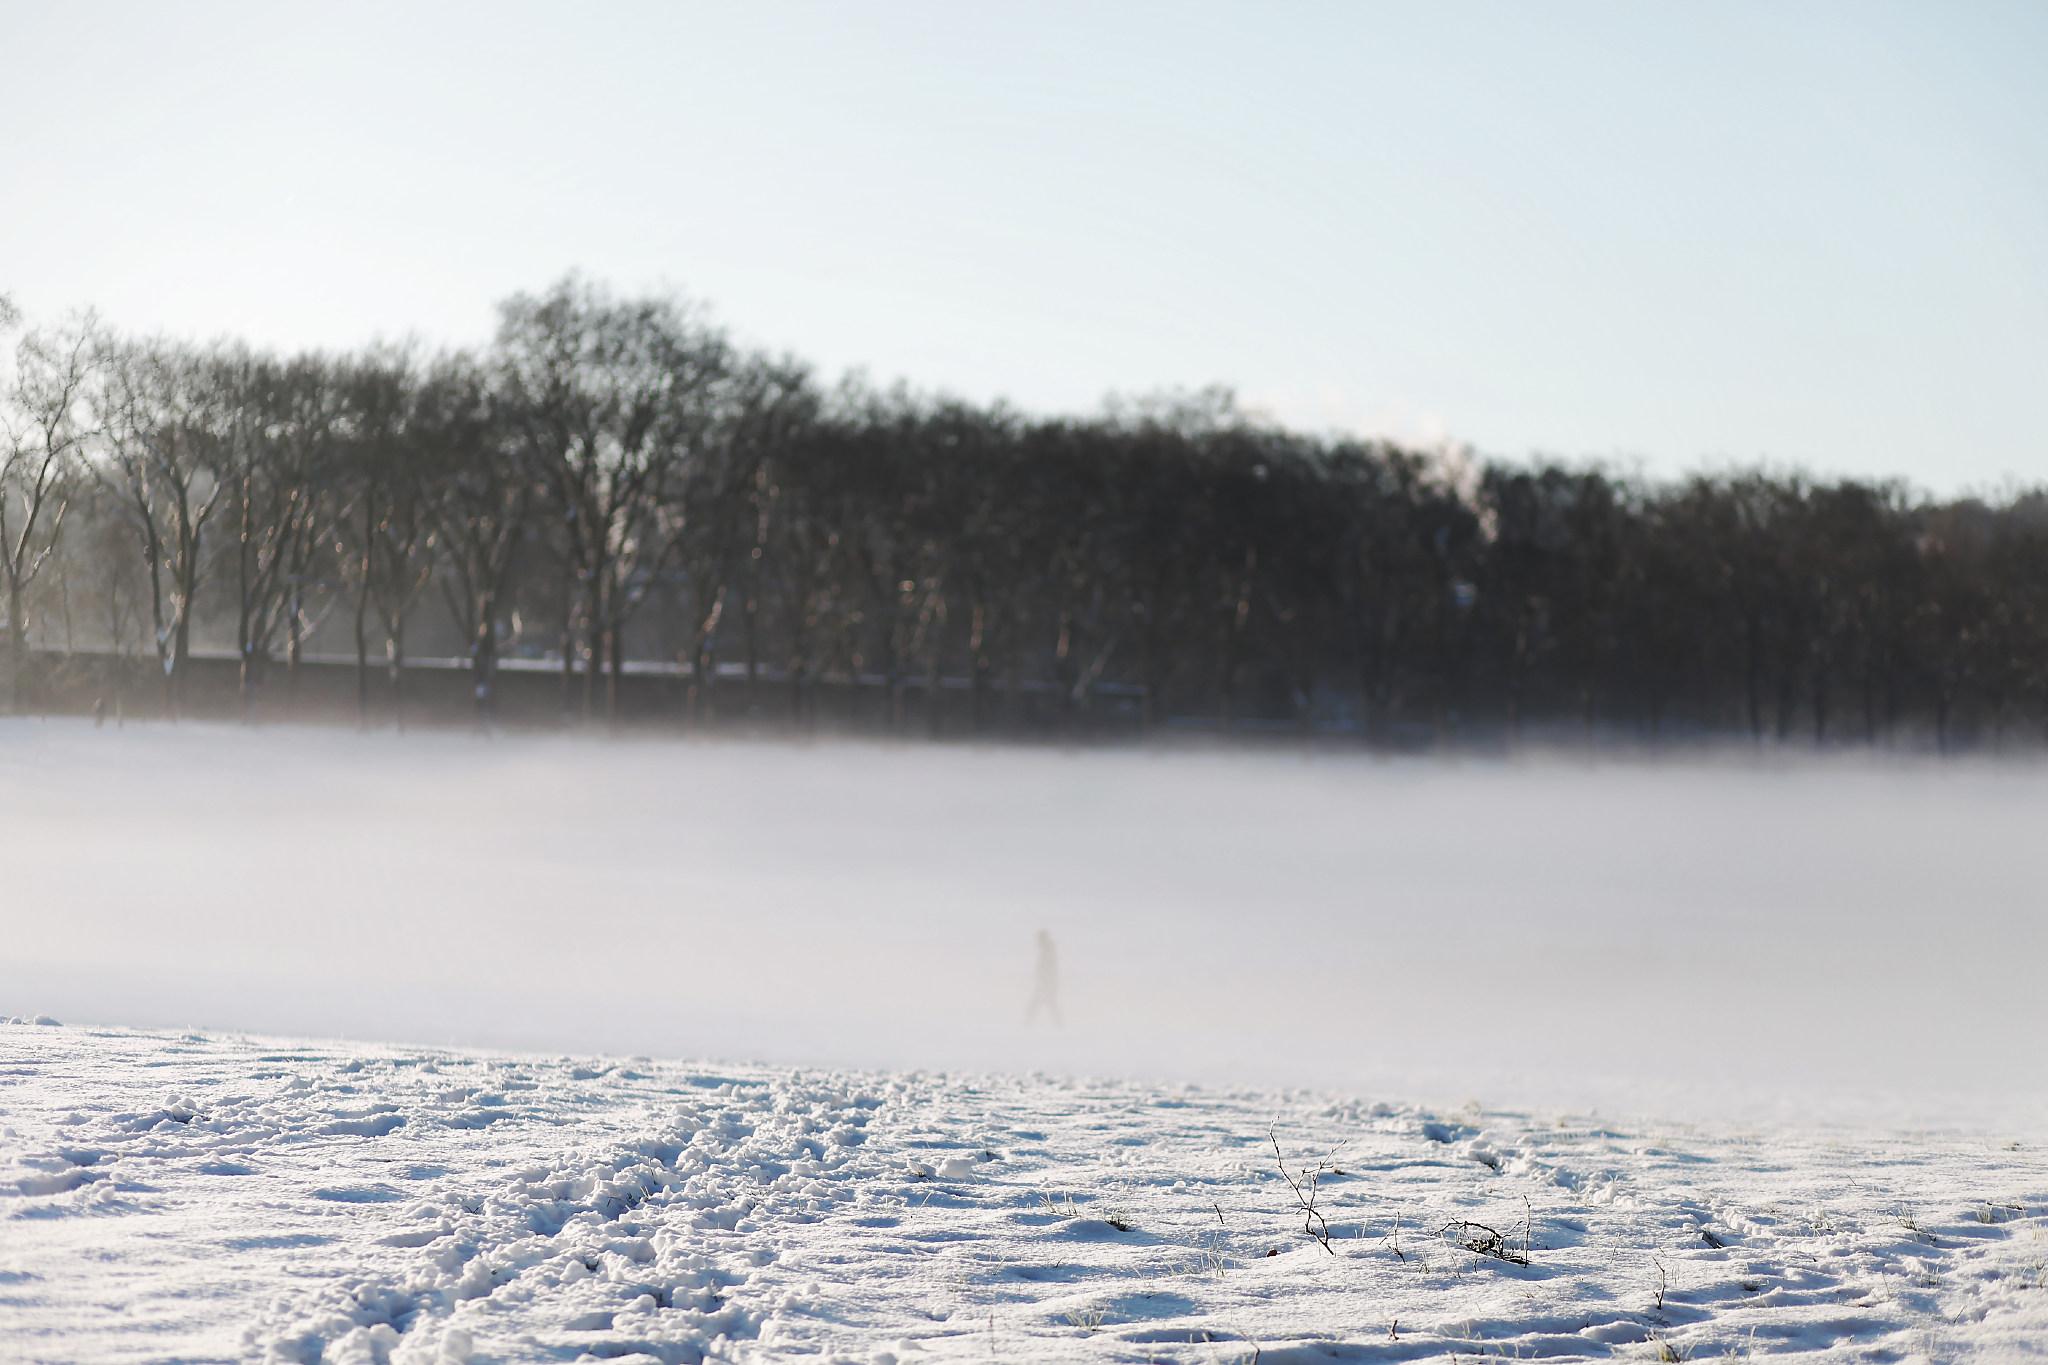 VERSAILLES SNOW LES INDISPENSABLES PARIS (22).jpg